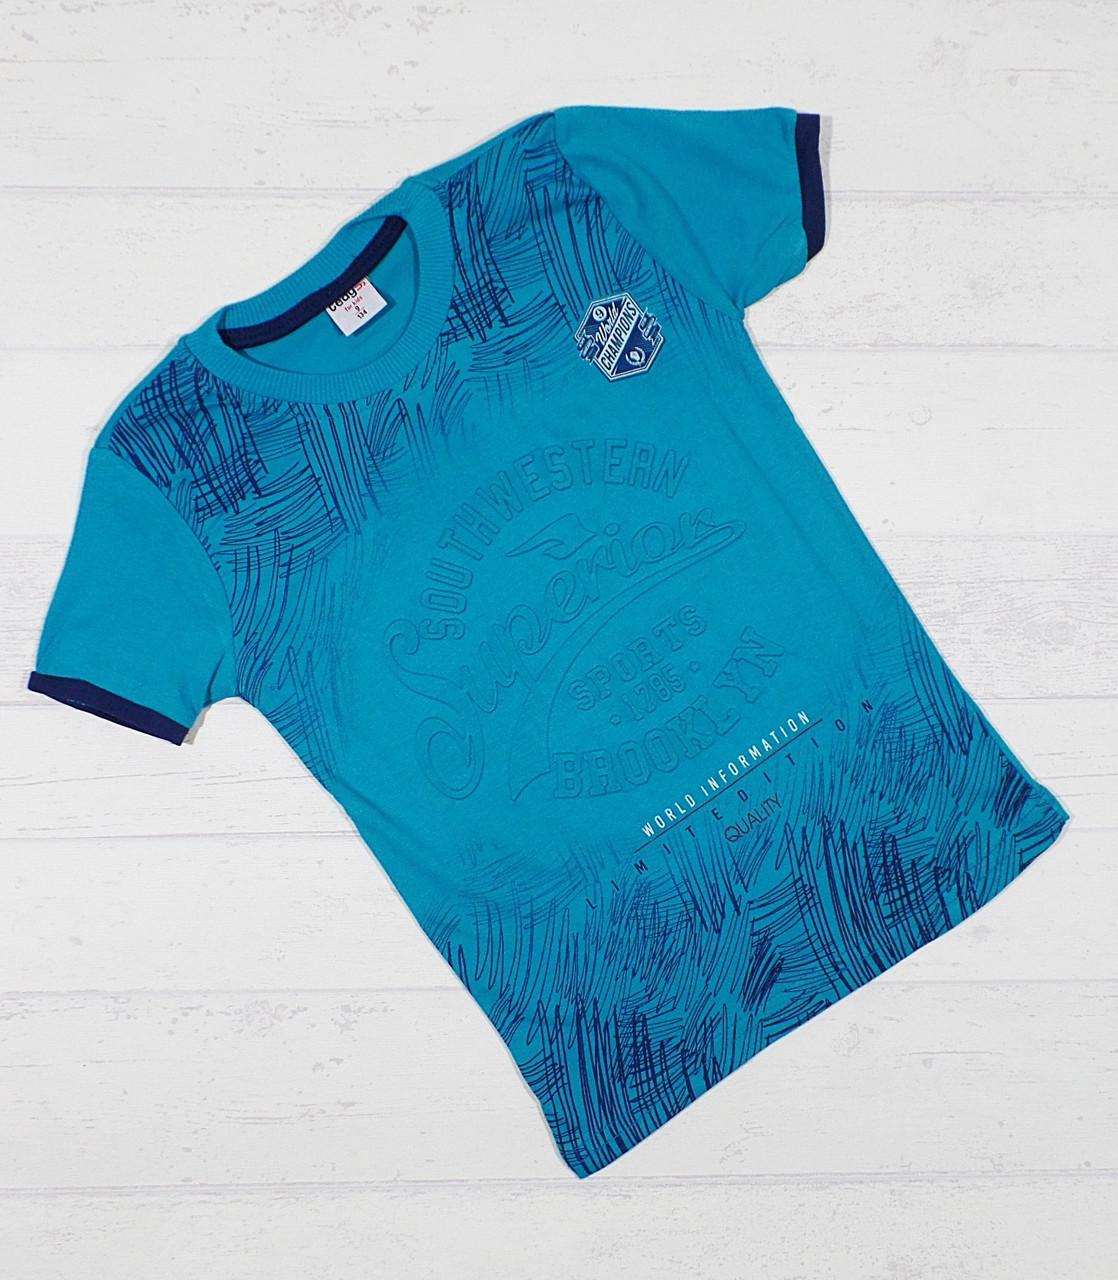 """Детская футболка  на мальчика """" Superior """" (выпуклый рисунок) 8,9,10,11,12 лет. морская волна"""